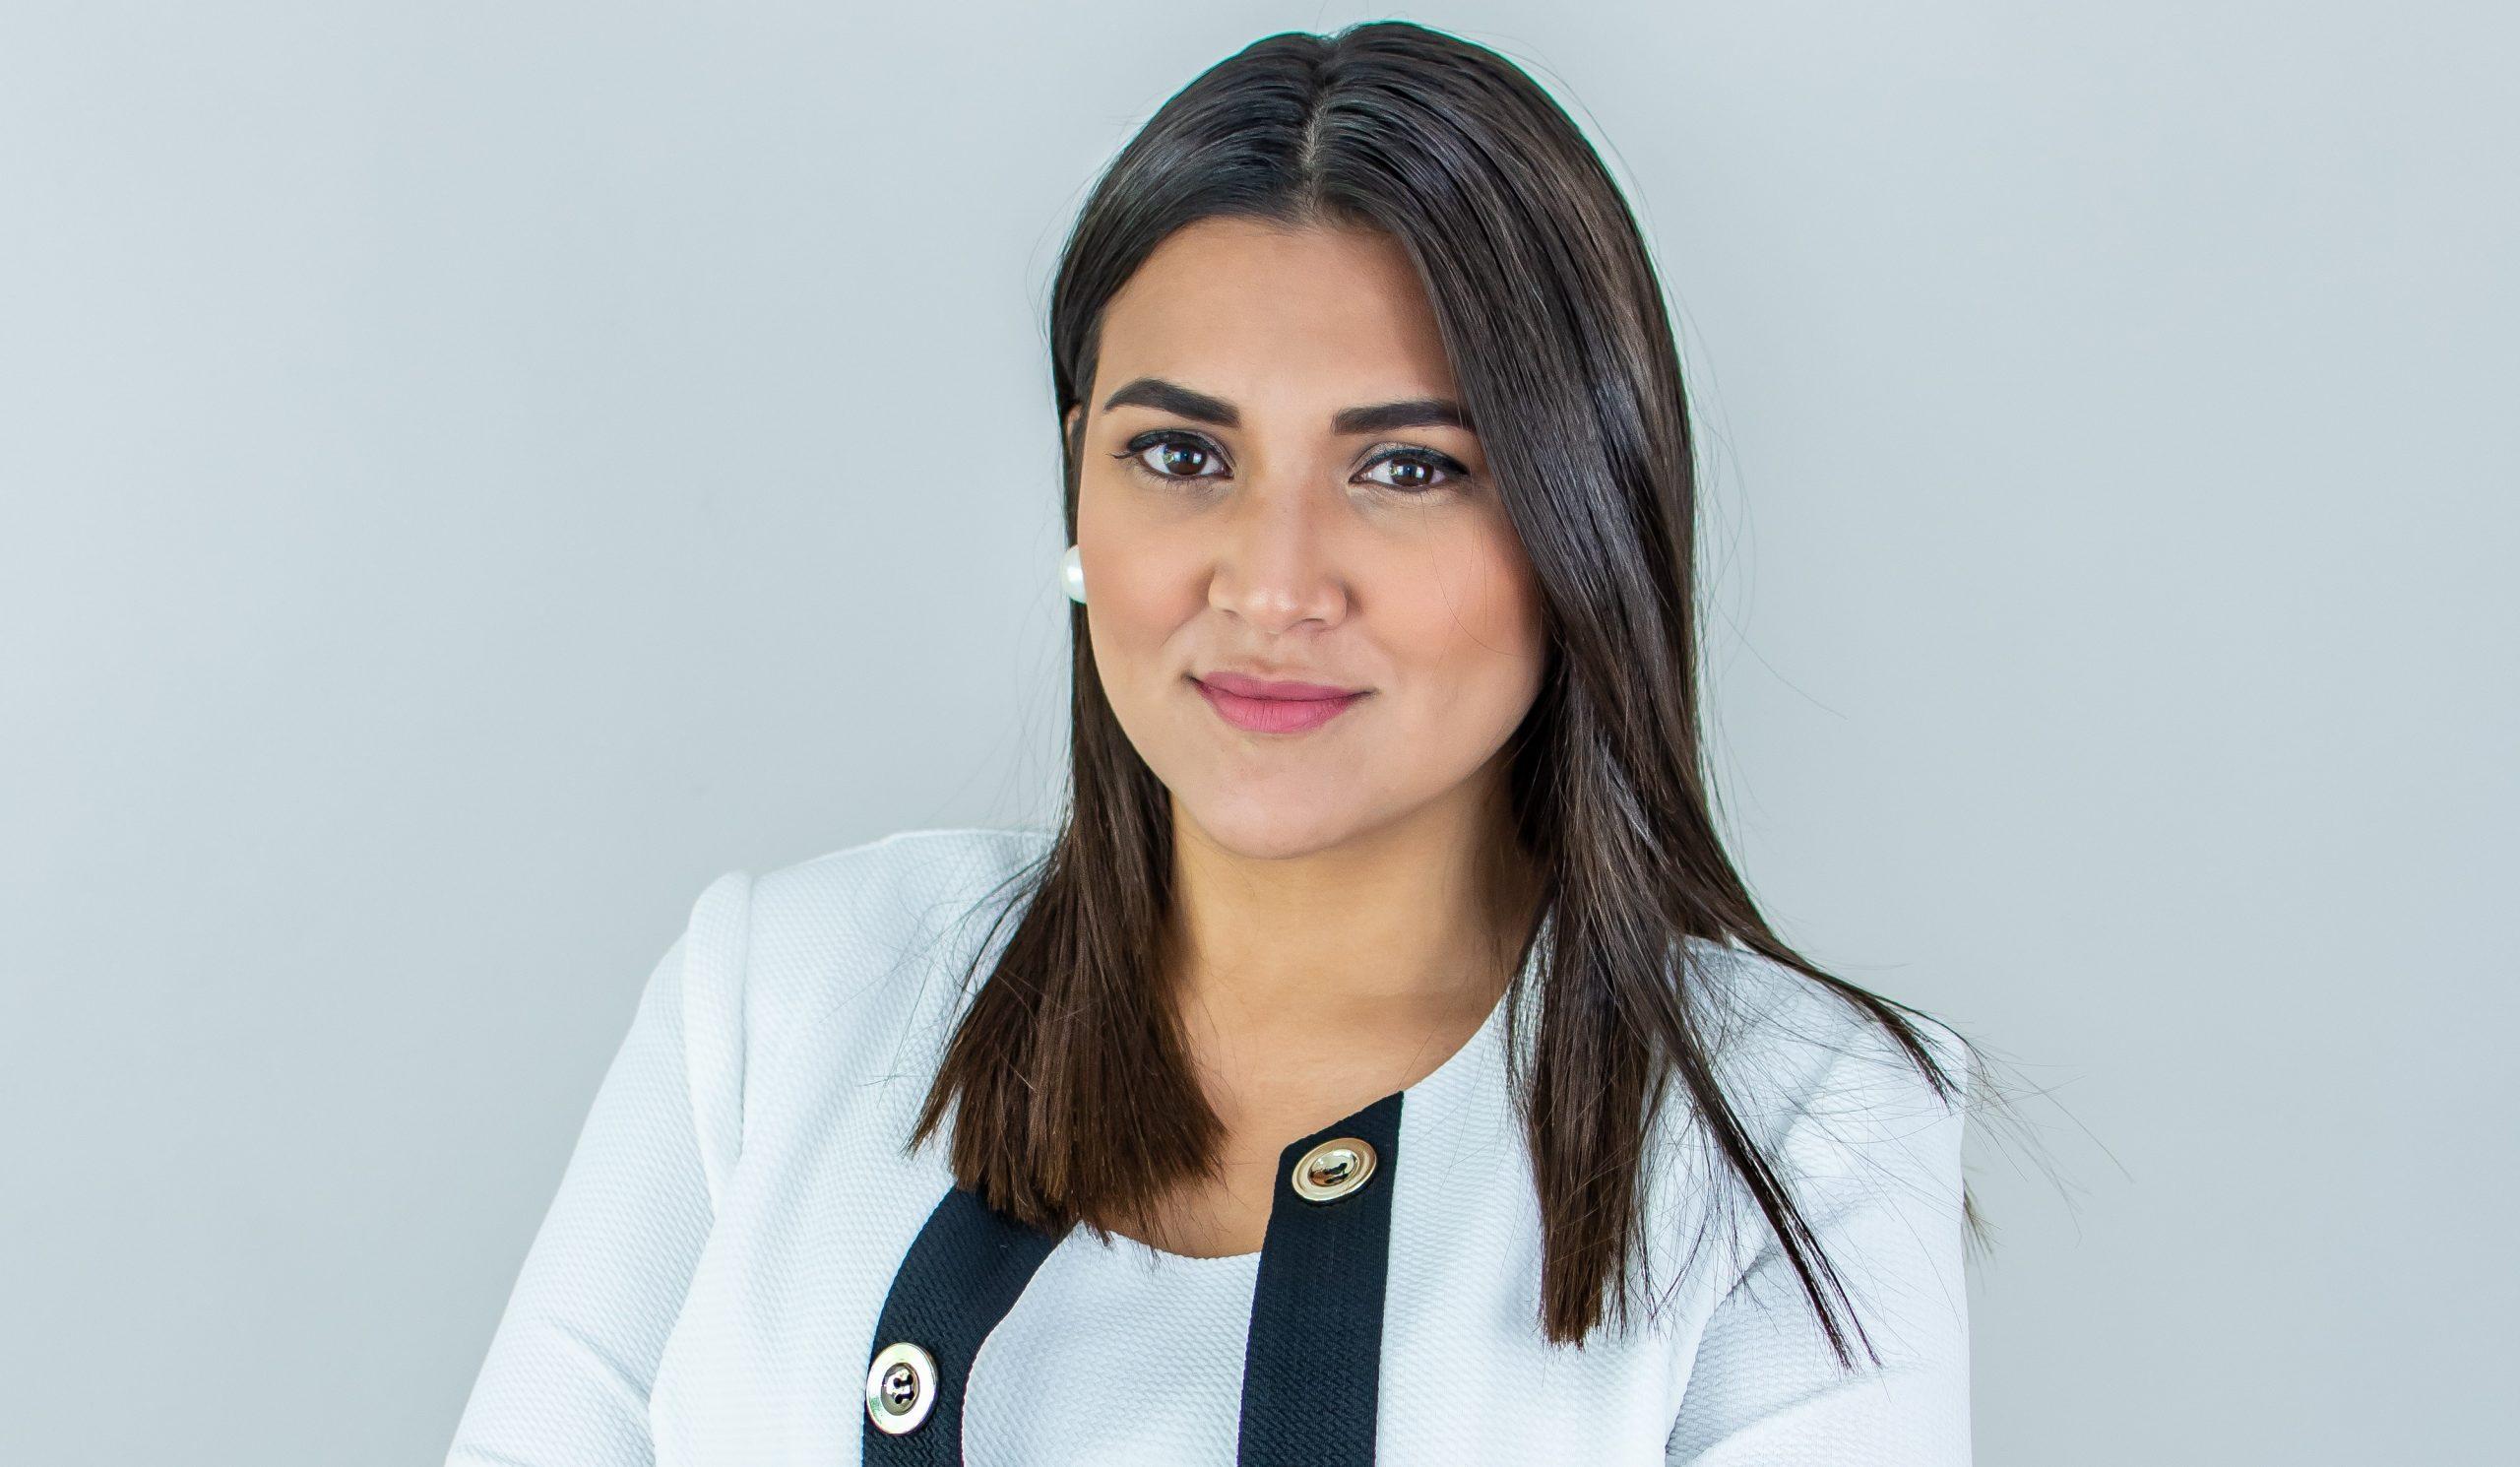 Alexia Rivas Diputada Electa Por San Salvador Son Mas De 19 000 Personas Que Vinieron A Apoyarnos En Estas Elecciones Diario El Salvador